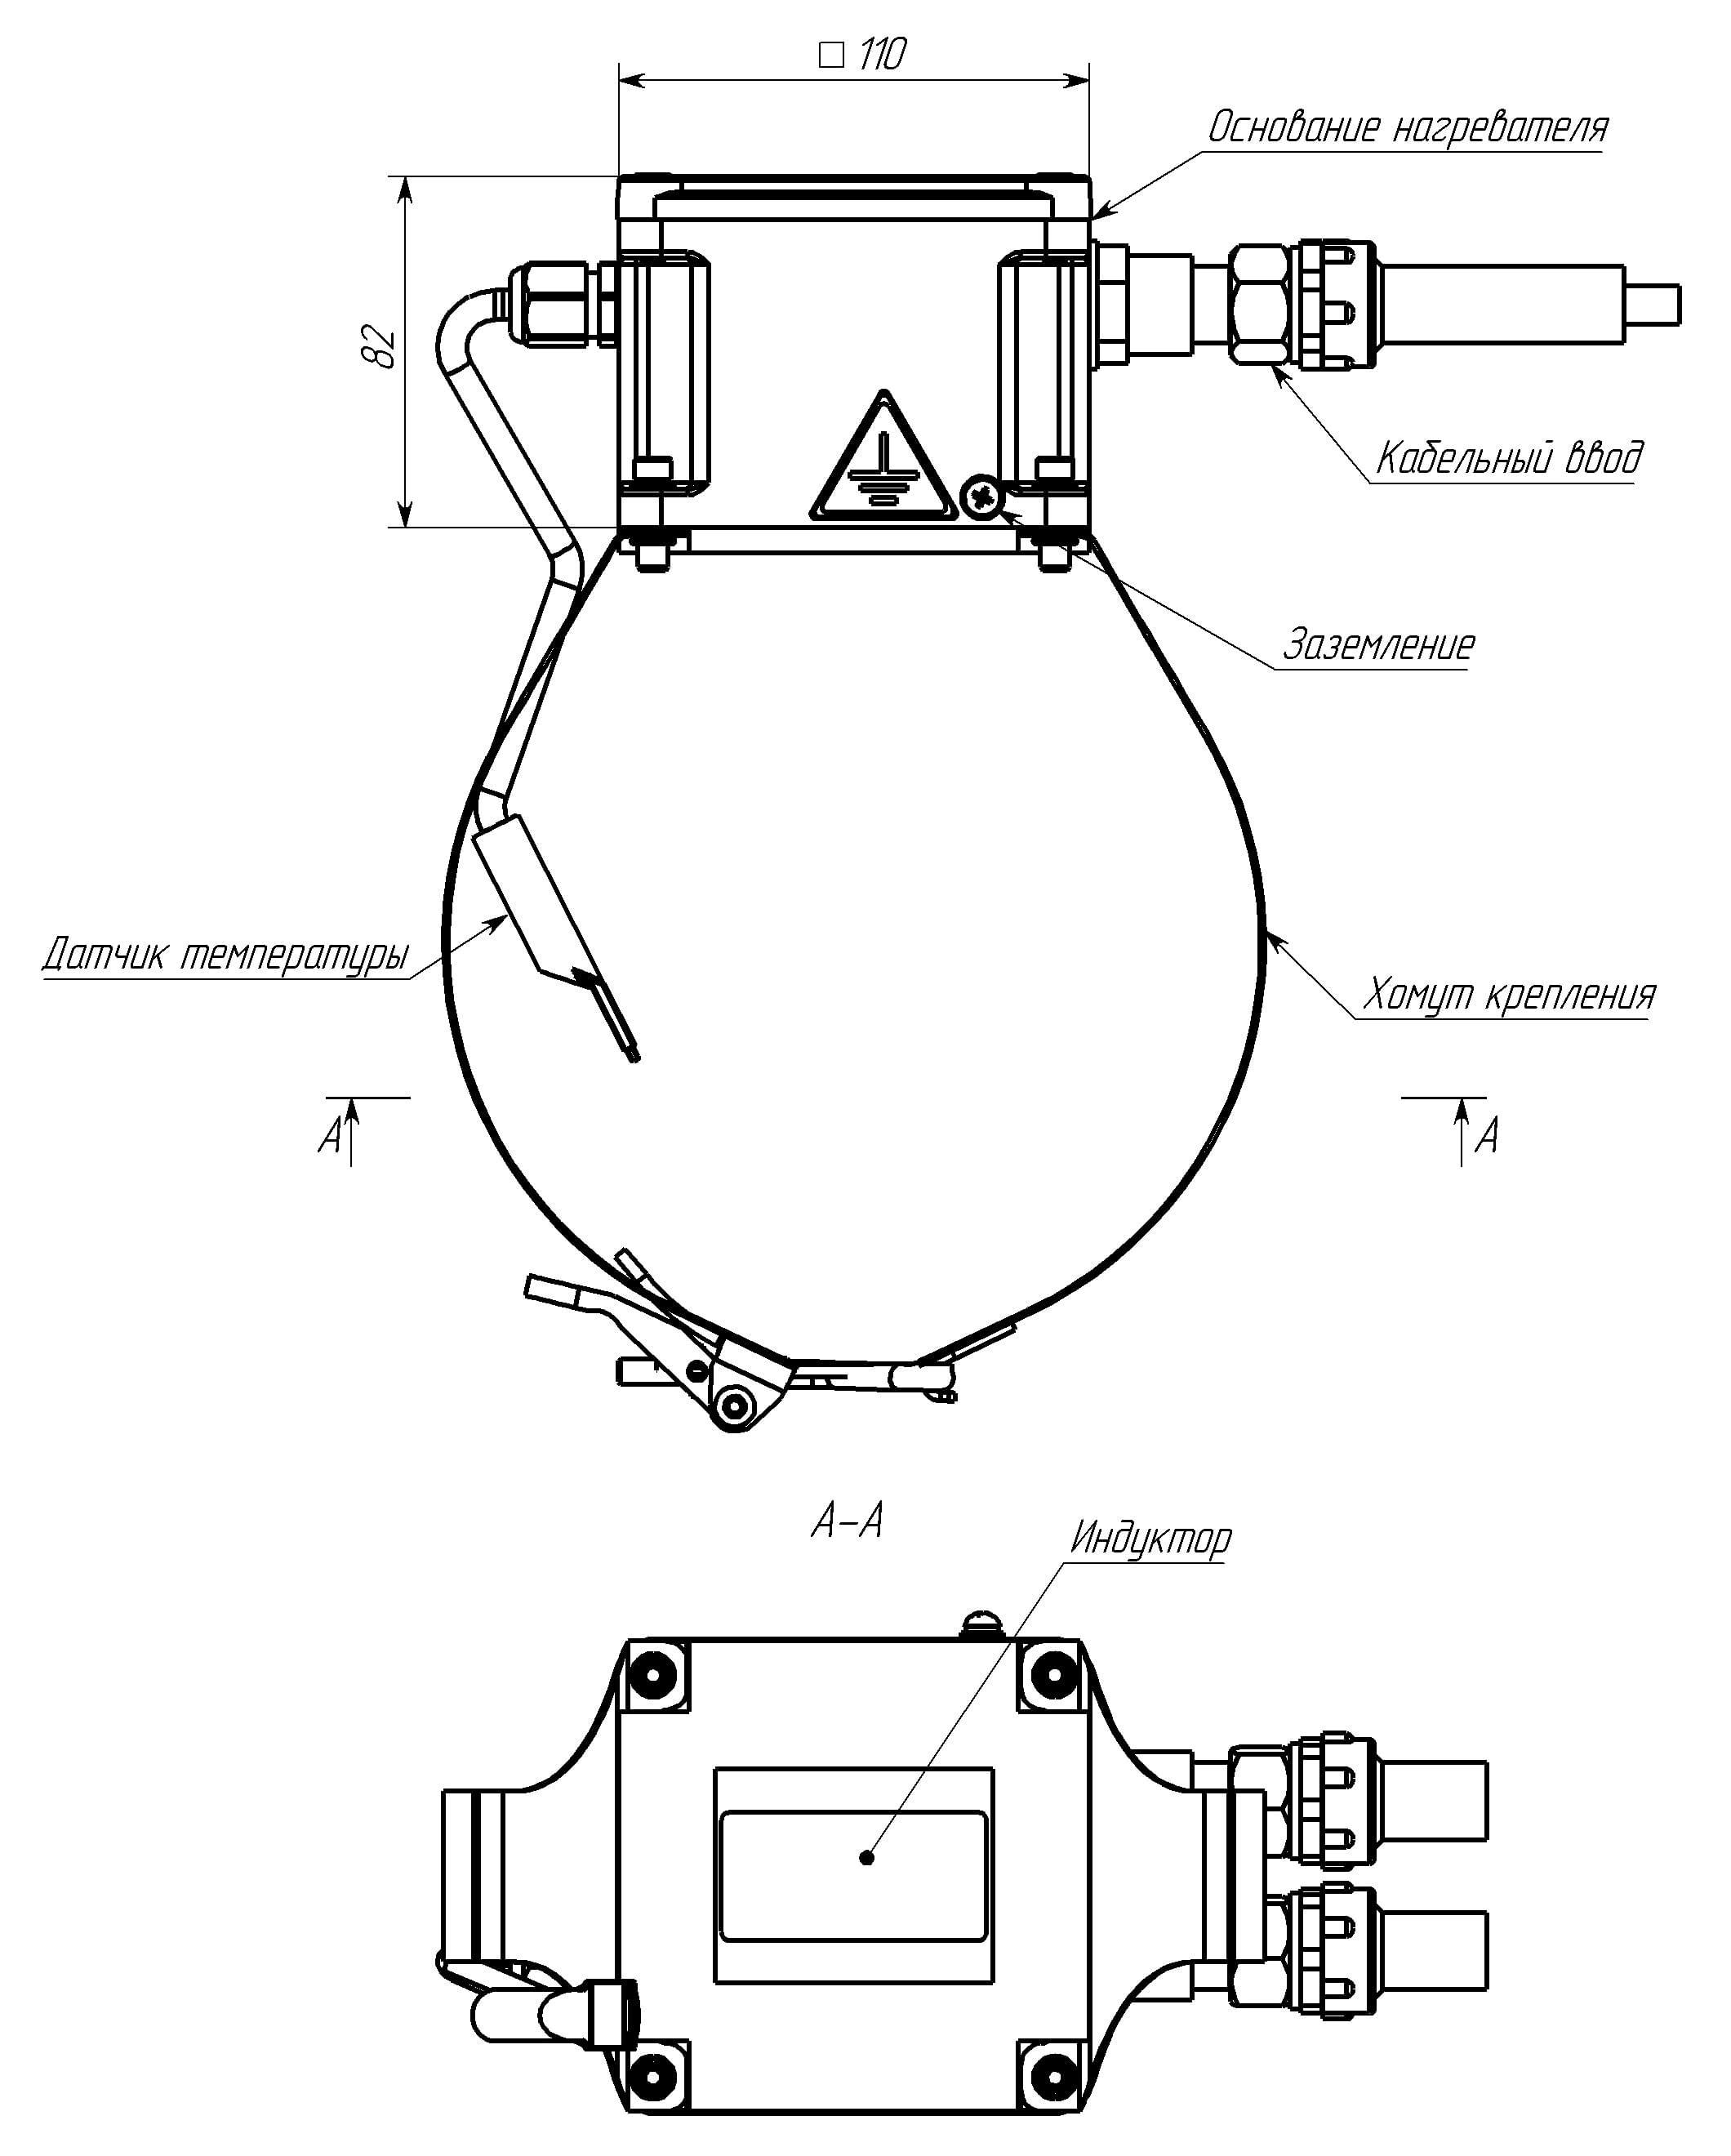 Нагреватель индукционный взрывозащищенный РИЗУР-ВИН